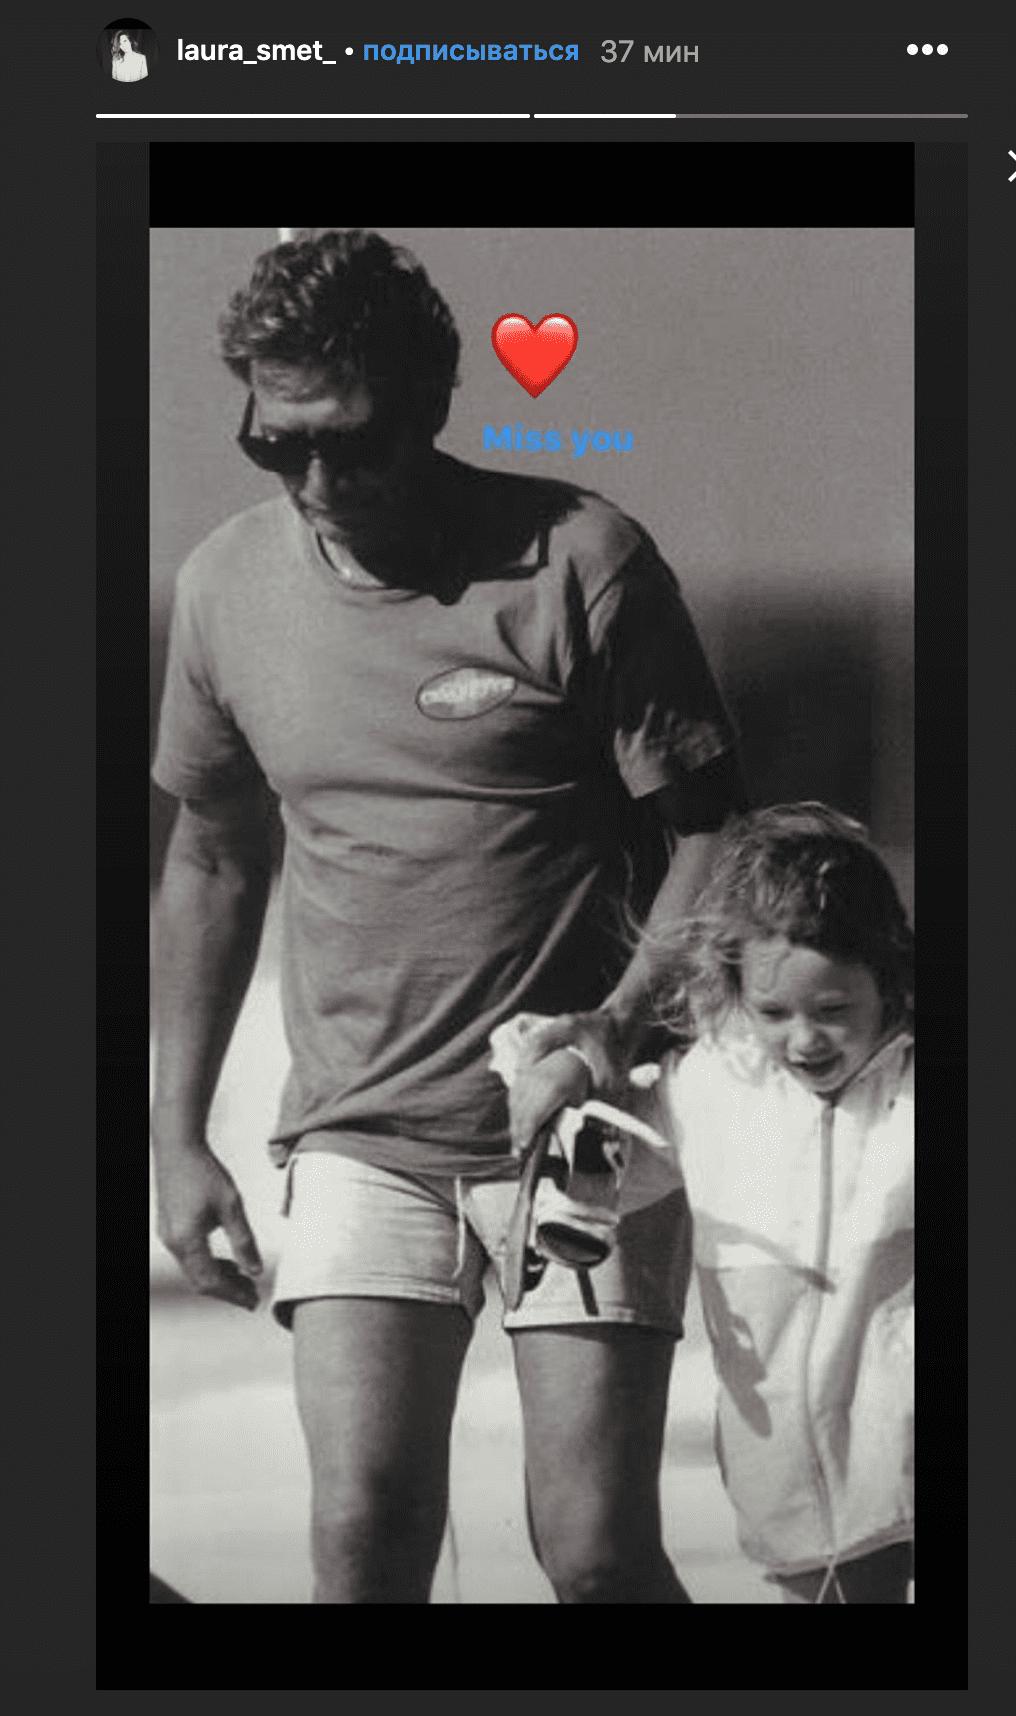 Story de Laura Smet montrant une photo de son enfance avec son père | laura_smet/Instagram